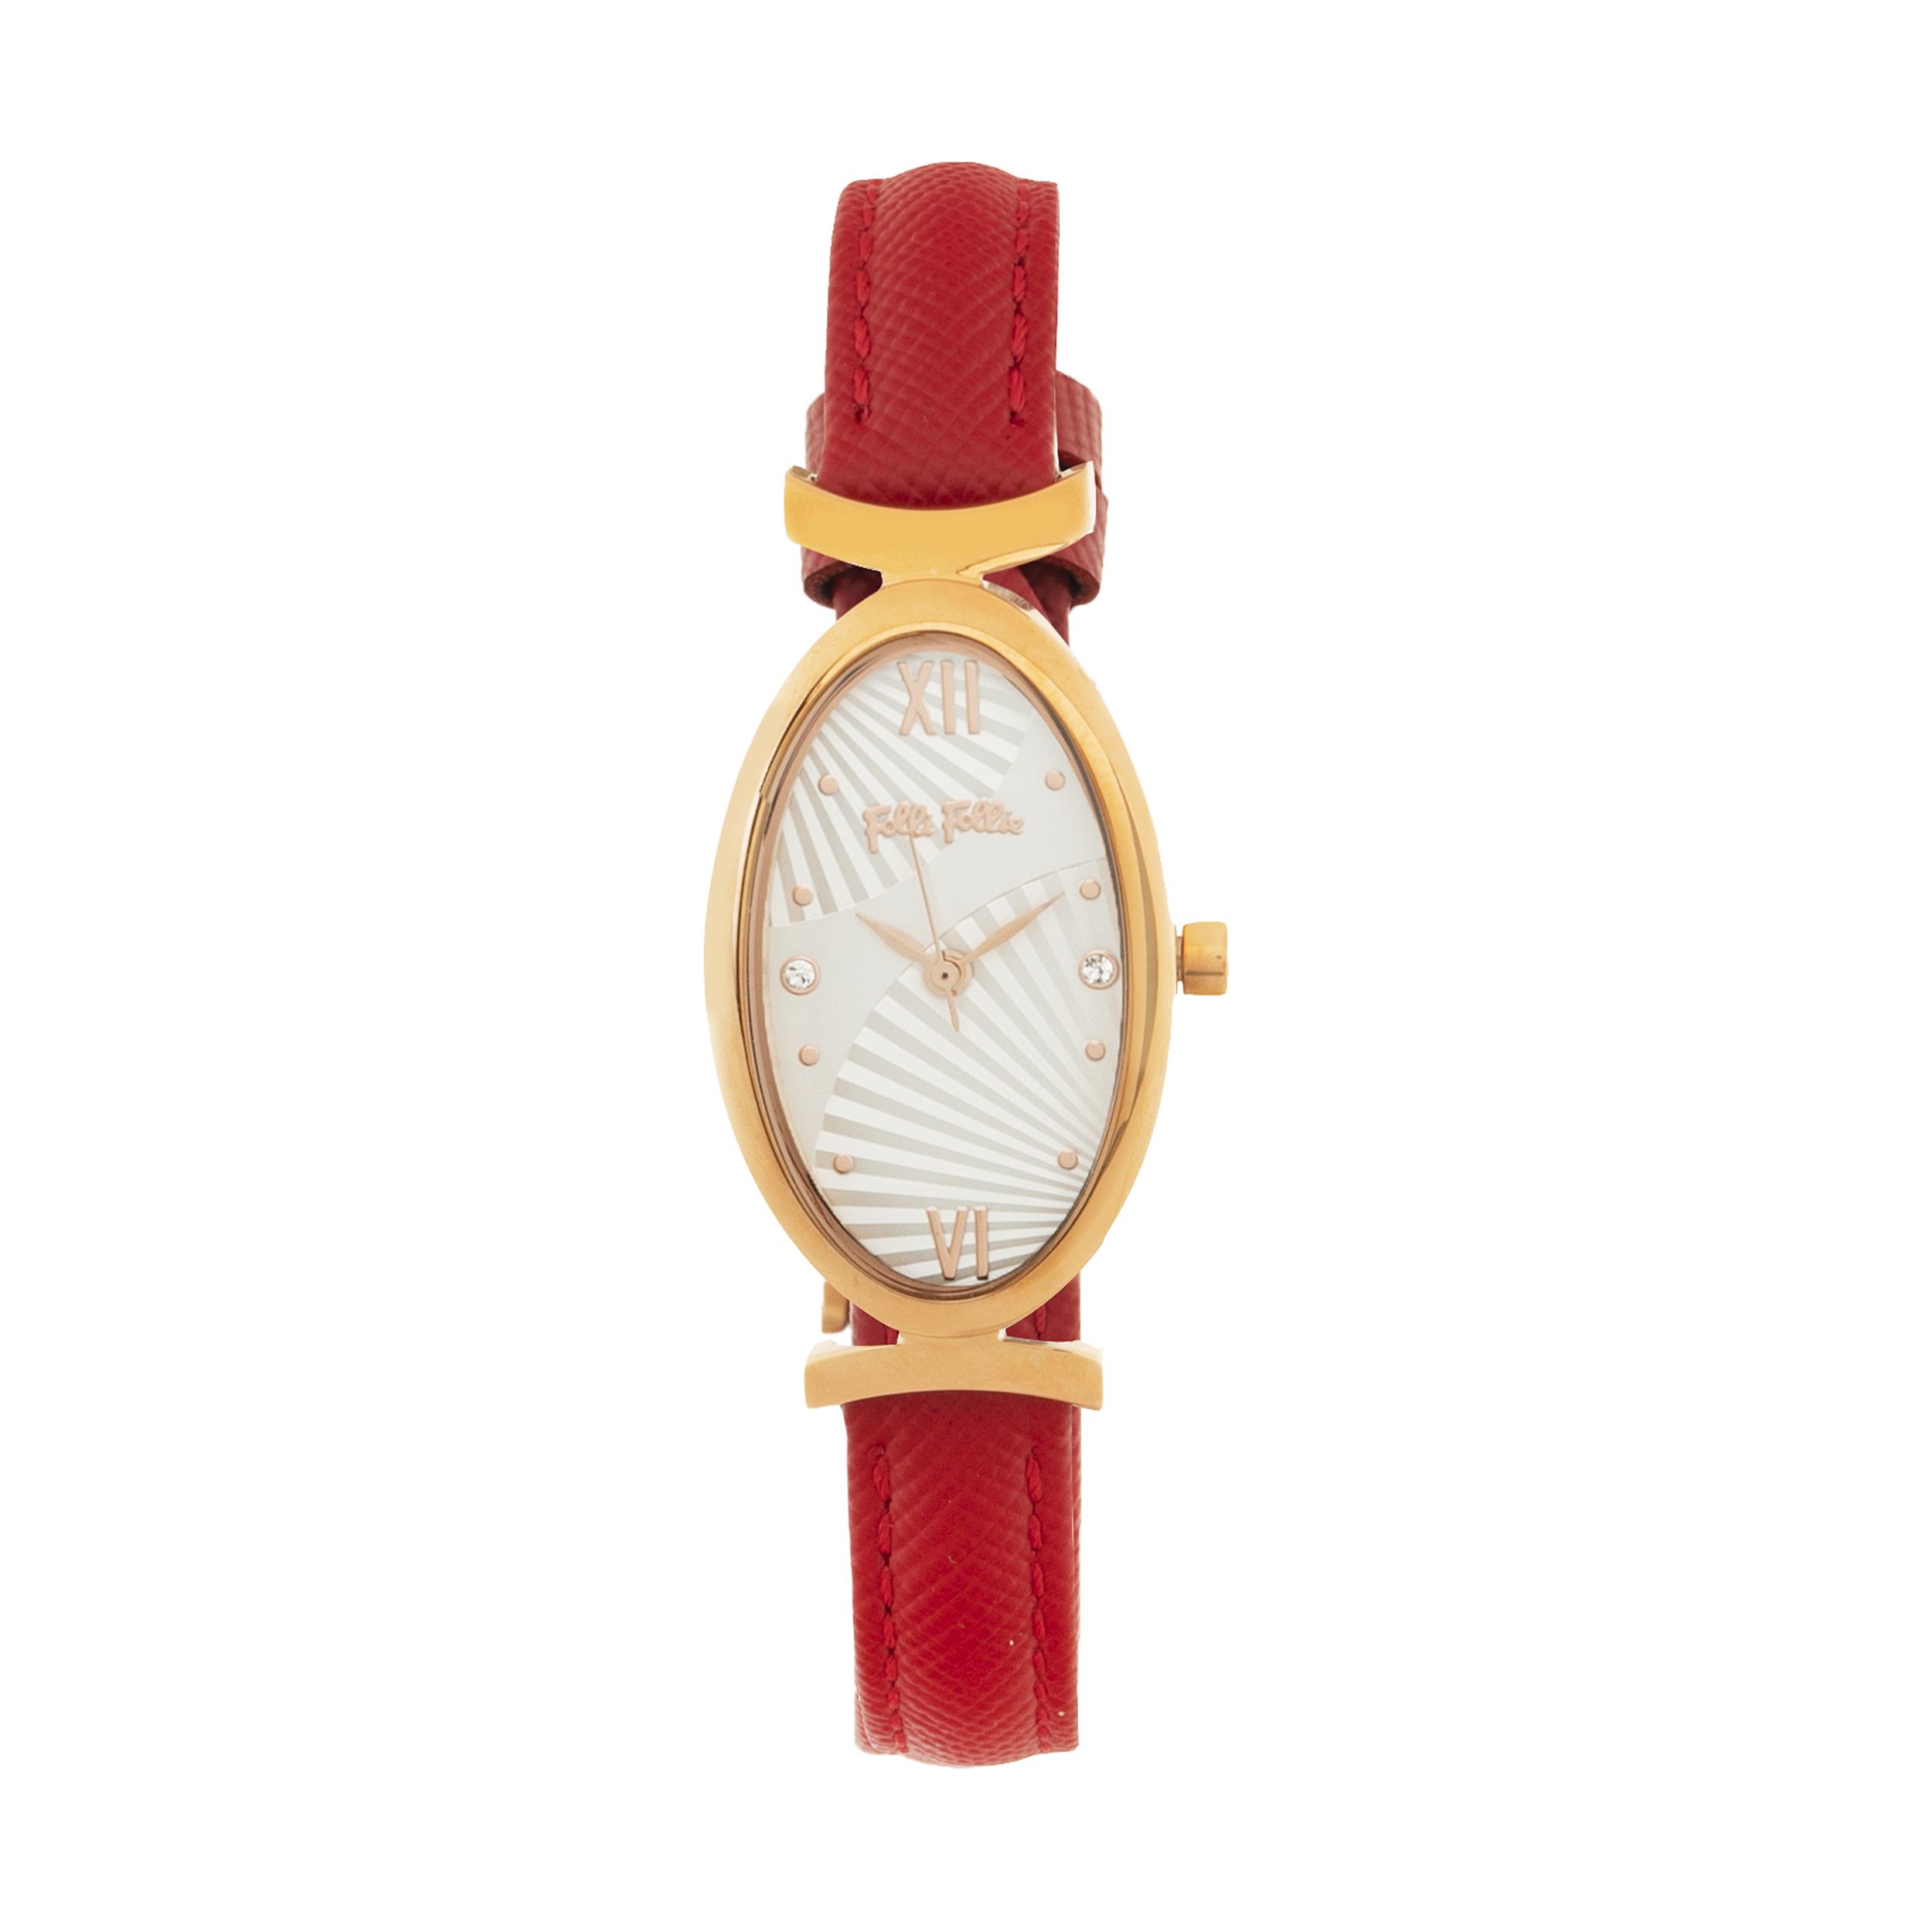 ساعت مچی عقربه ای زنانه فولی فولیه مدل WF16R031SSS-RE (بدون جعبه اورجینال)              خرید (⭐️⭐️⭐️)